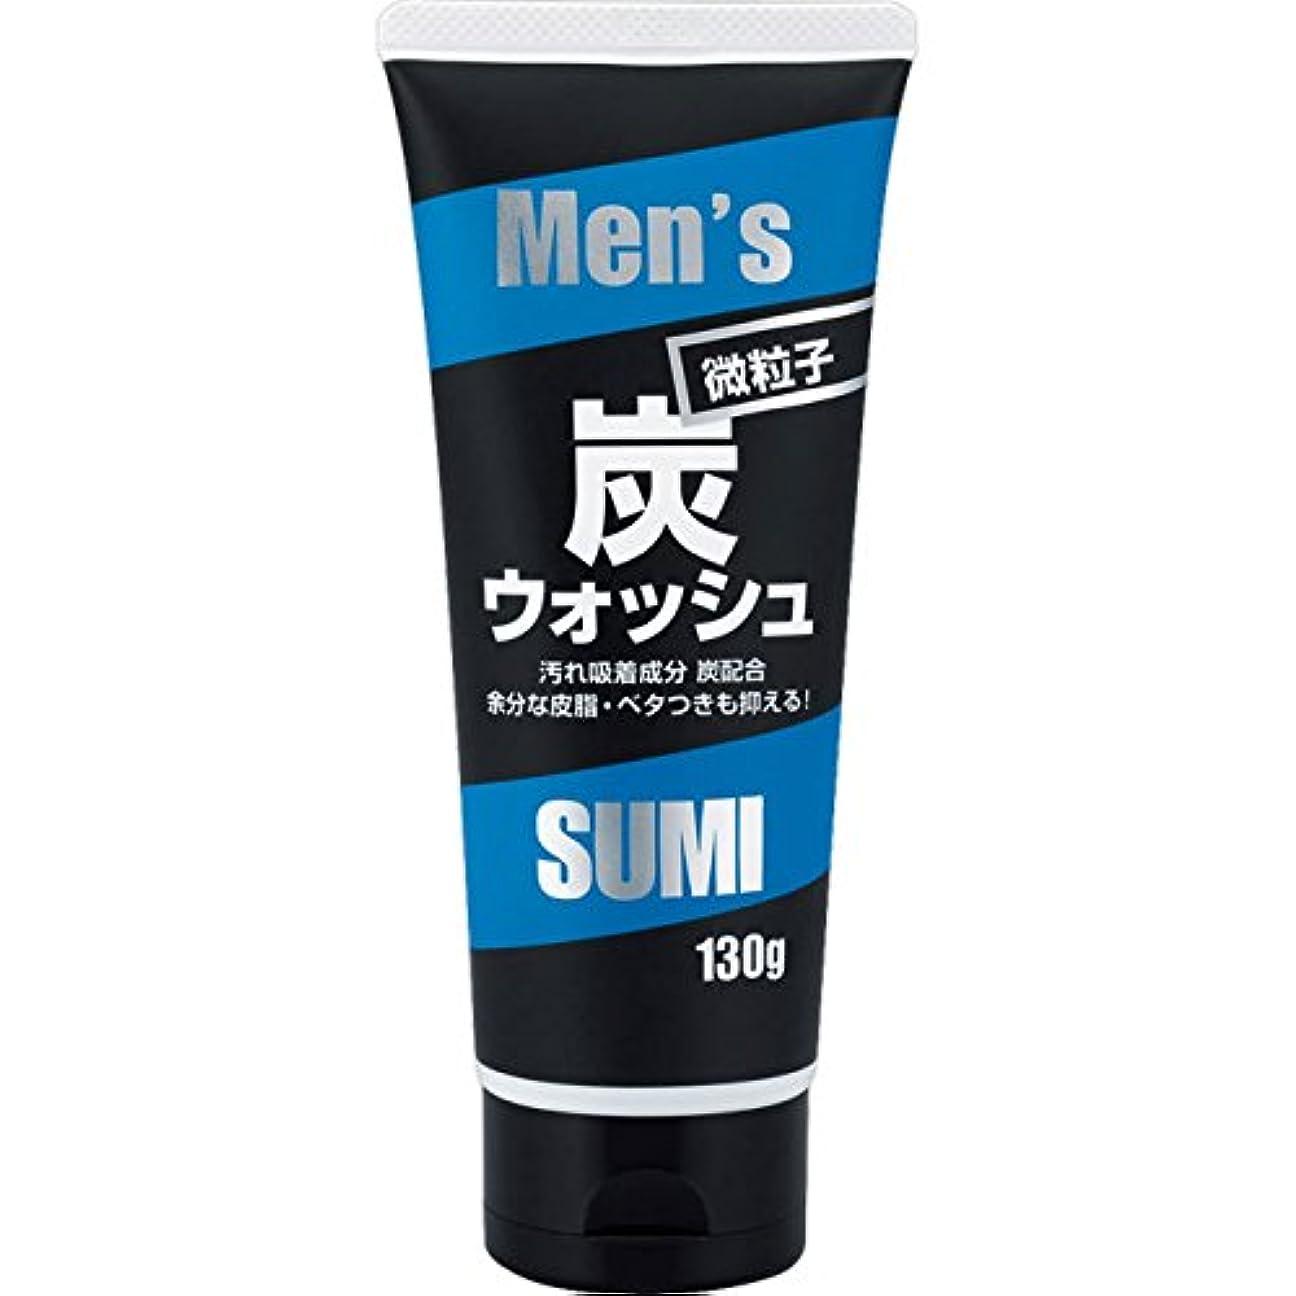 ゼロ残酷理容師メンズ炭洗顔130gX2